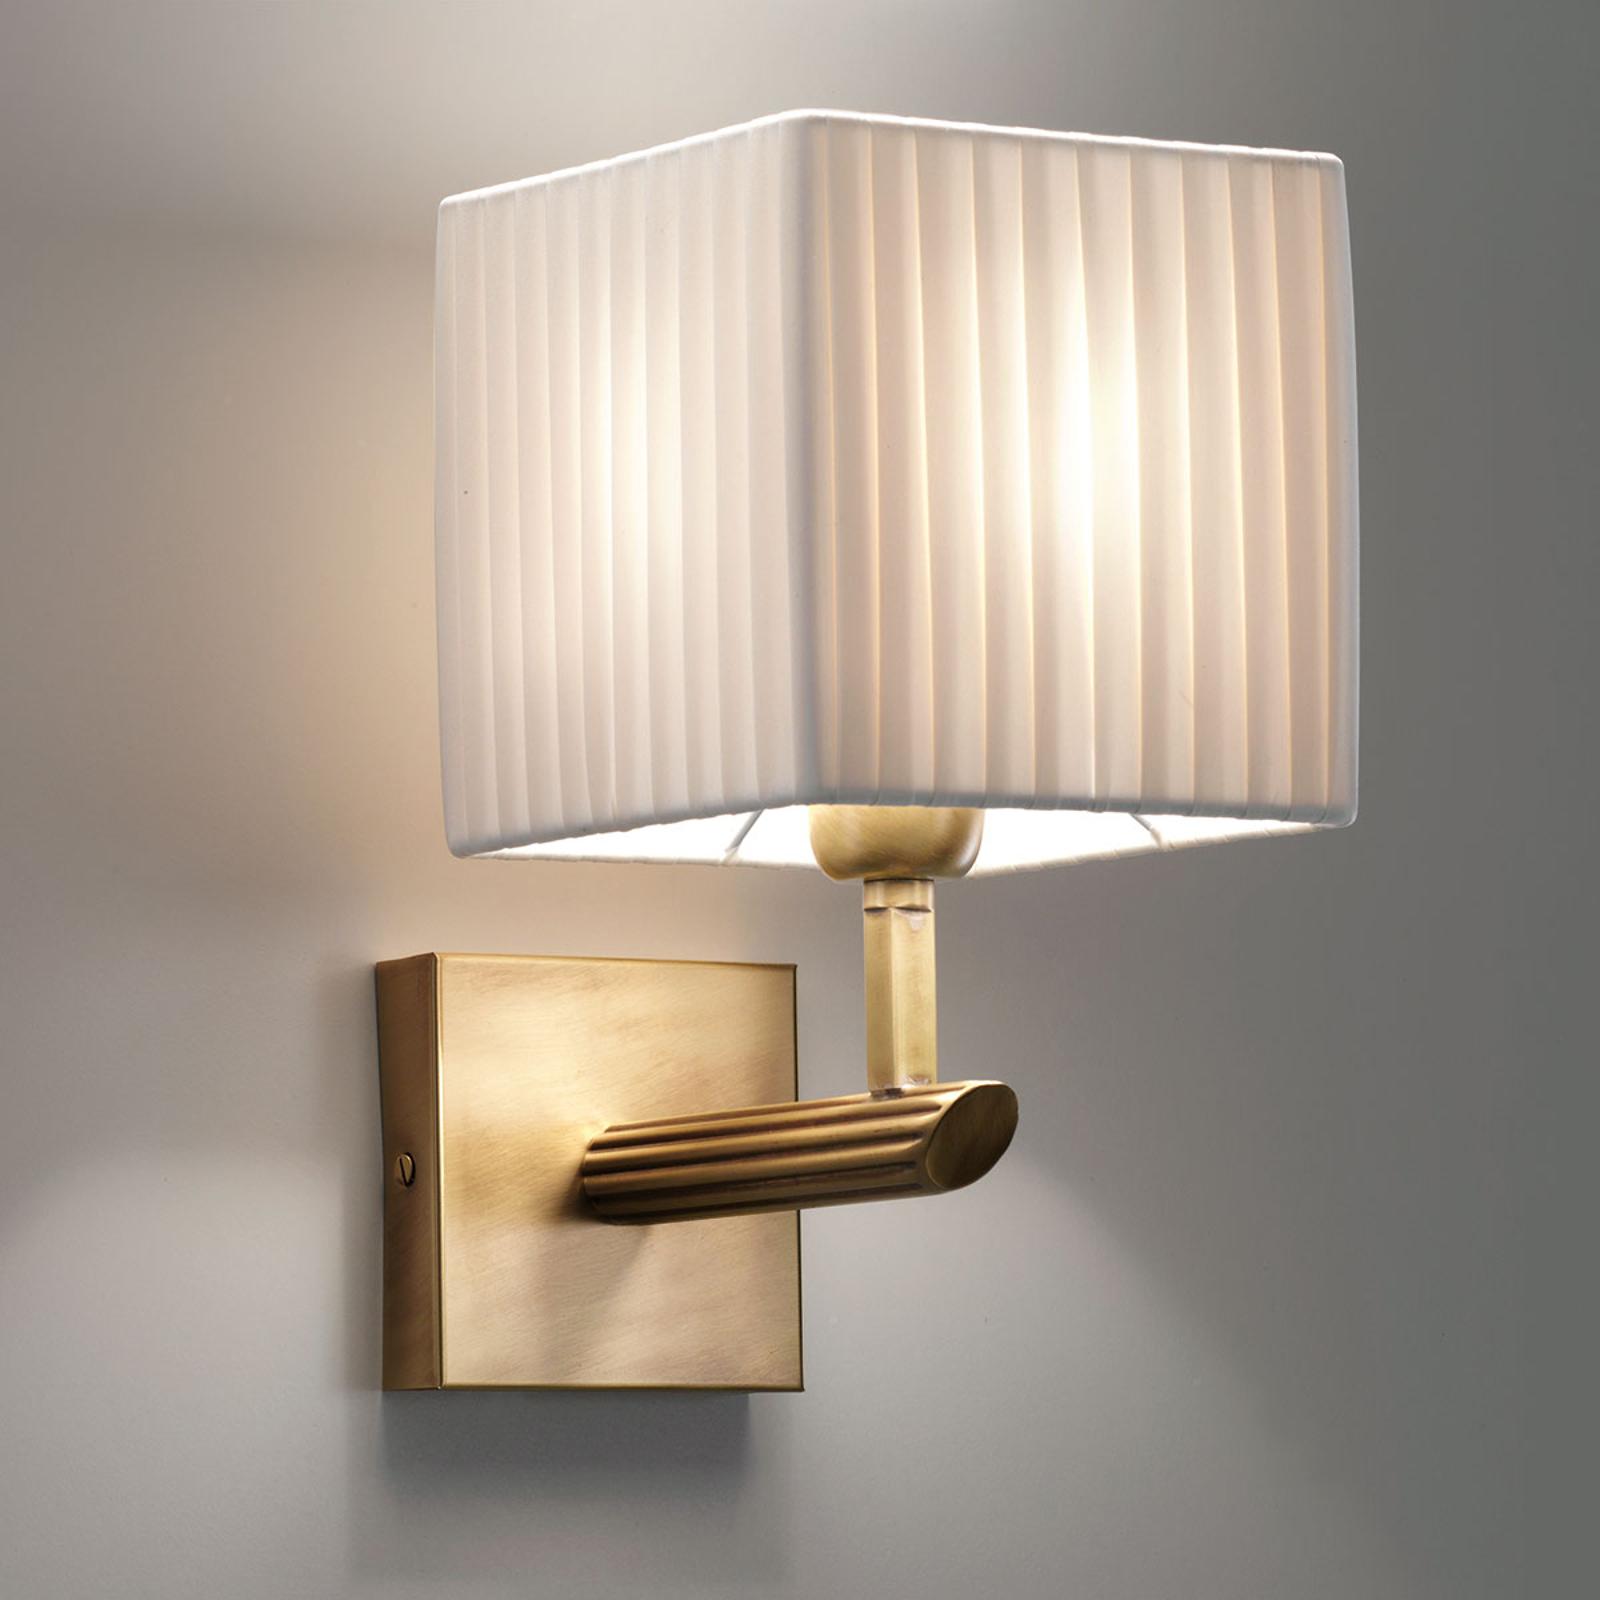 Ciepłe światło dzięki lampie ściennej Imperial